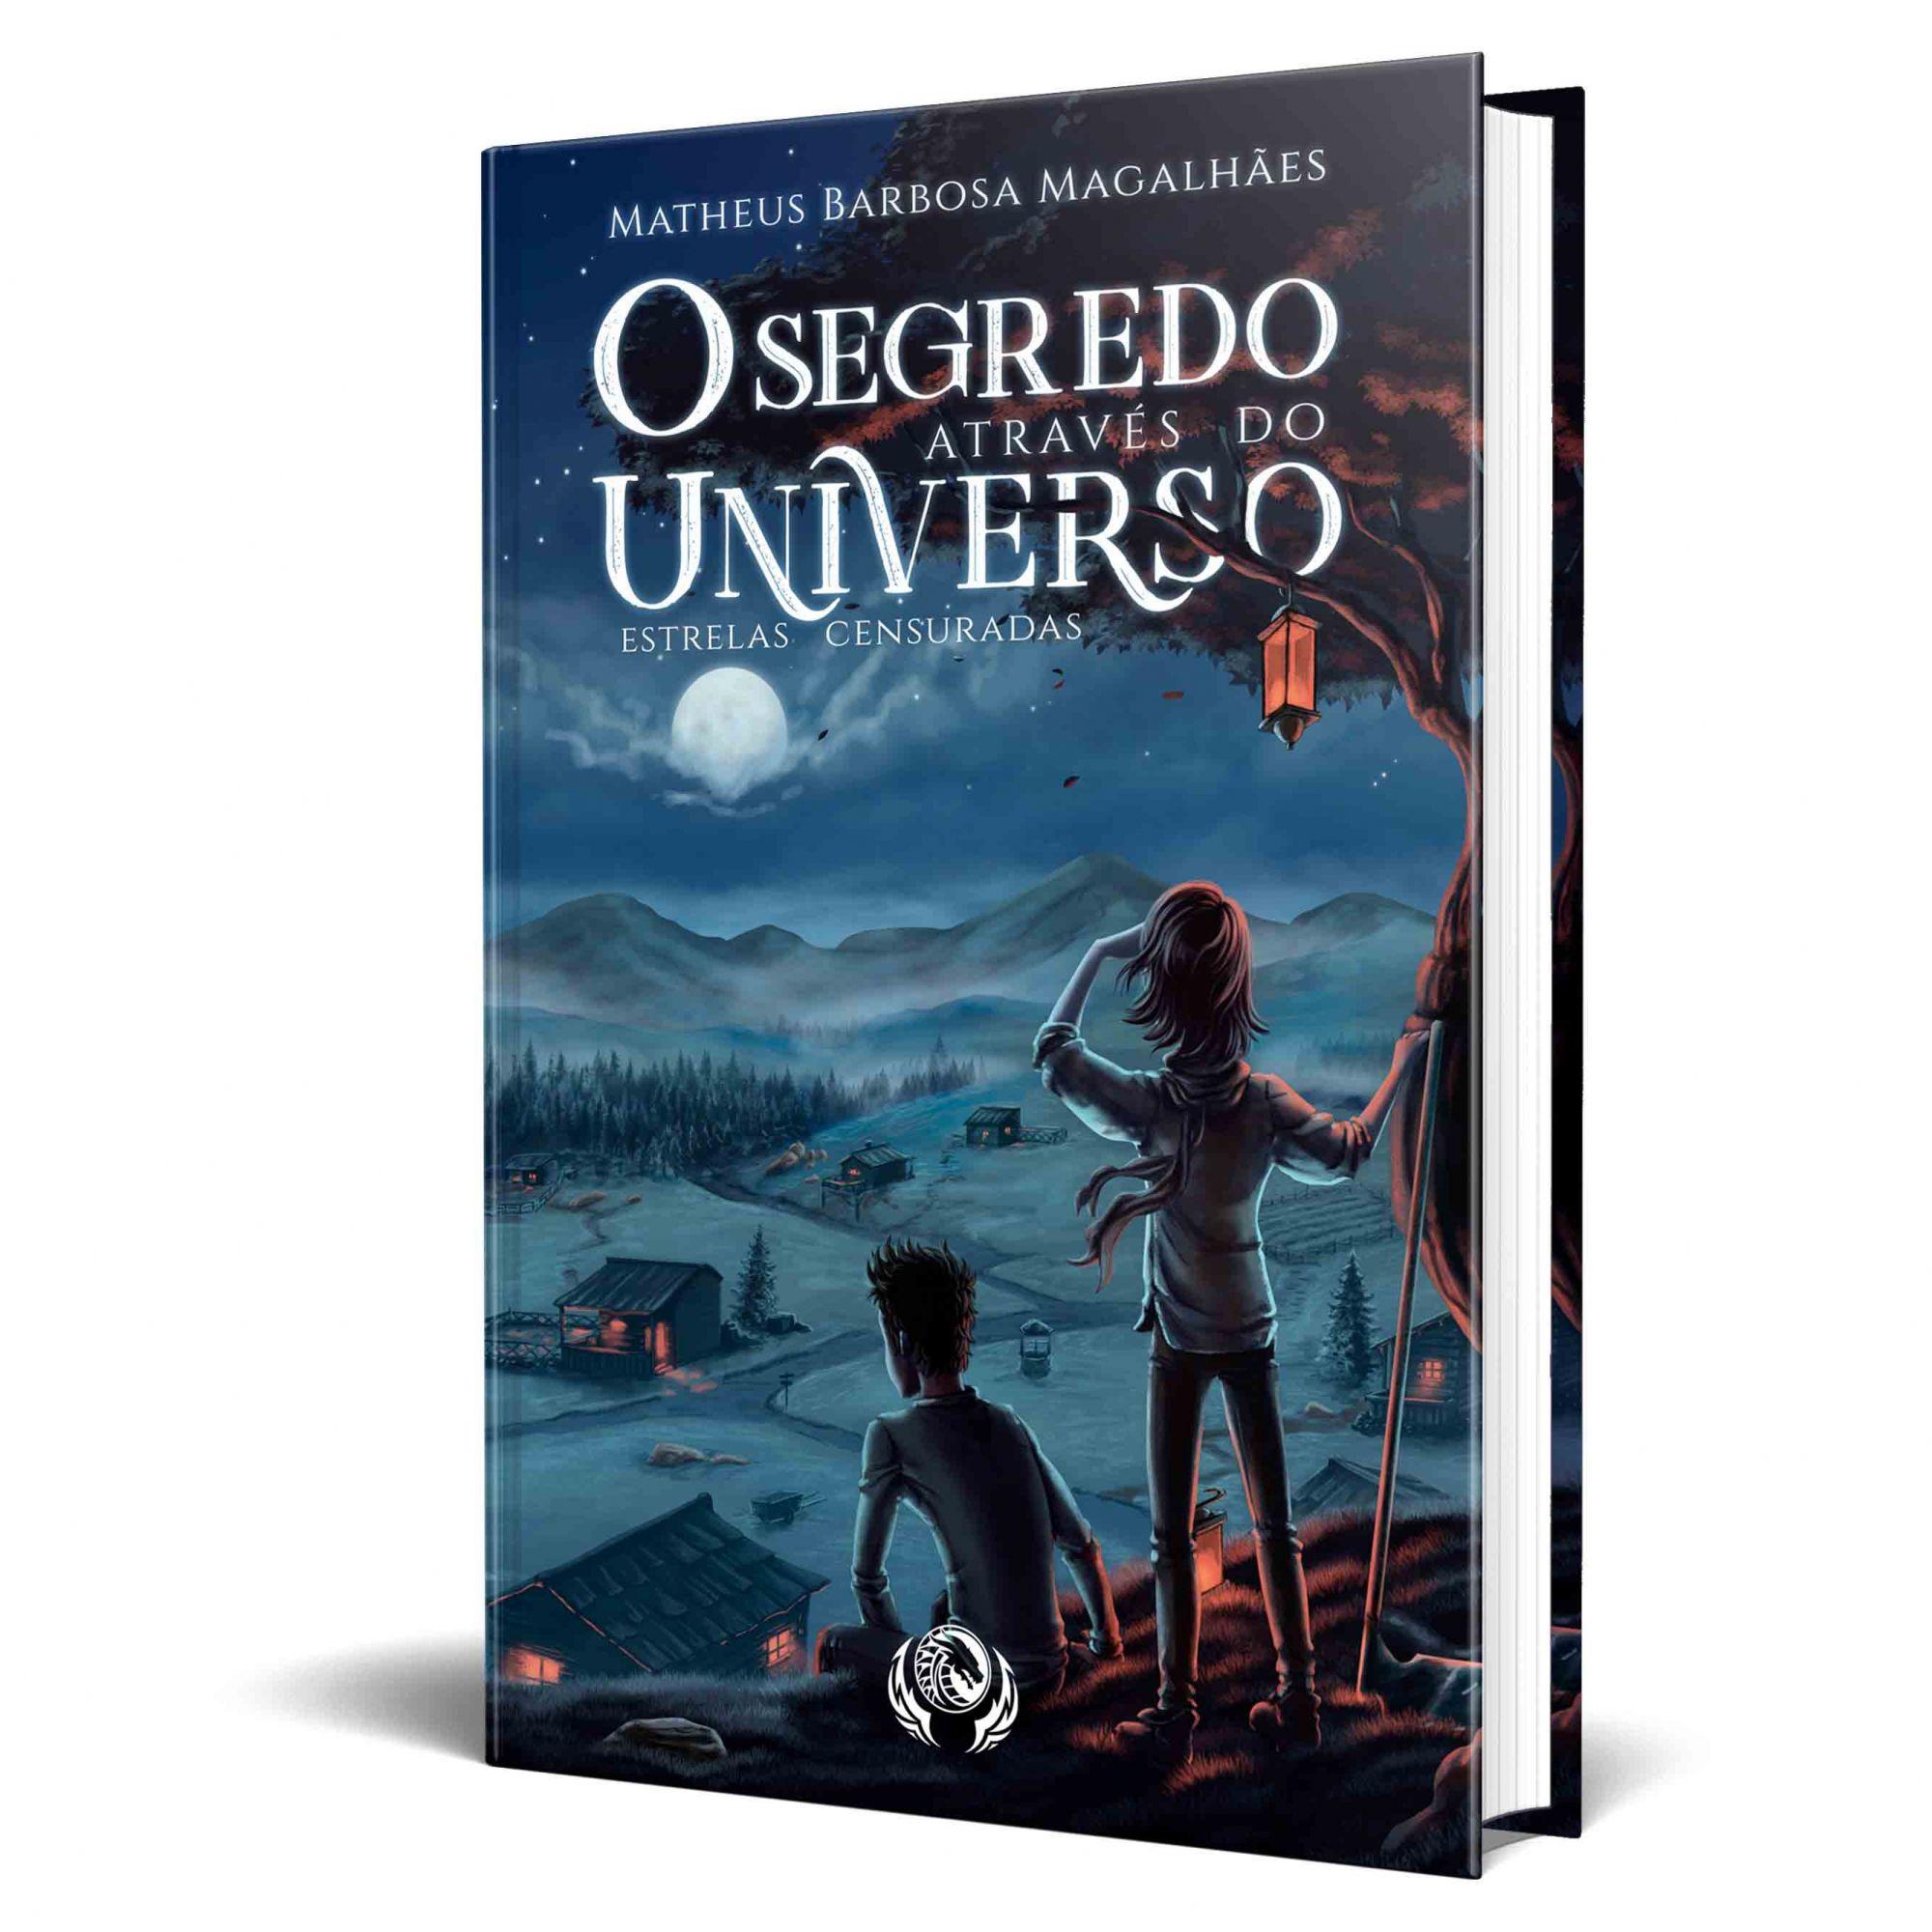 Livro O Segredo Através do Universo - Estrelas Censuradas